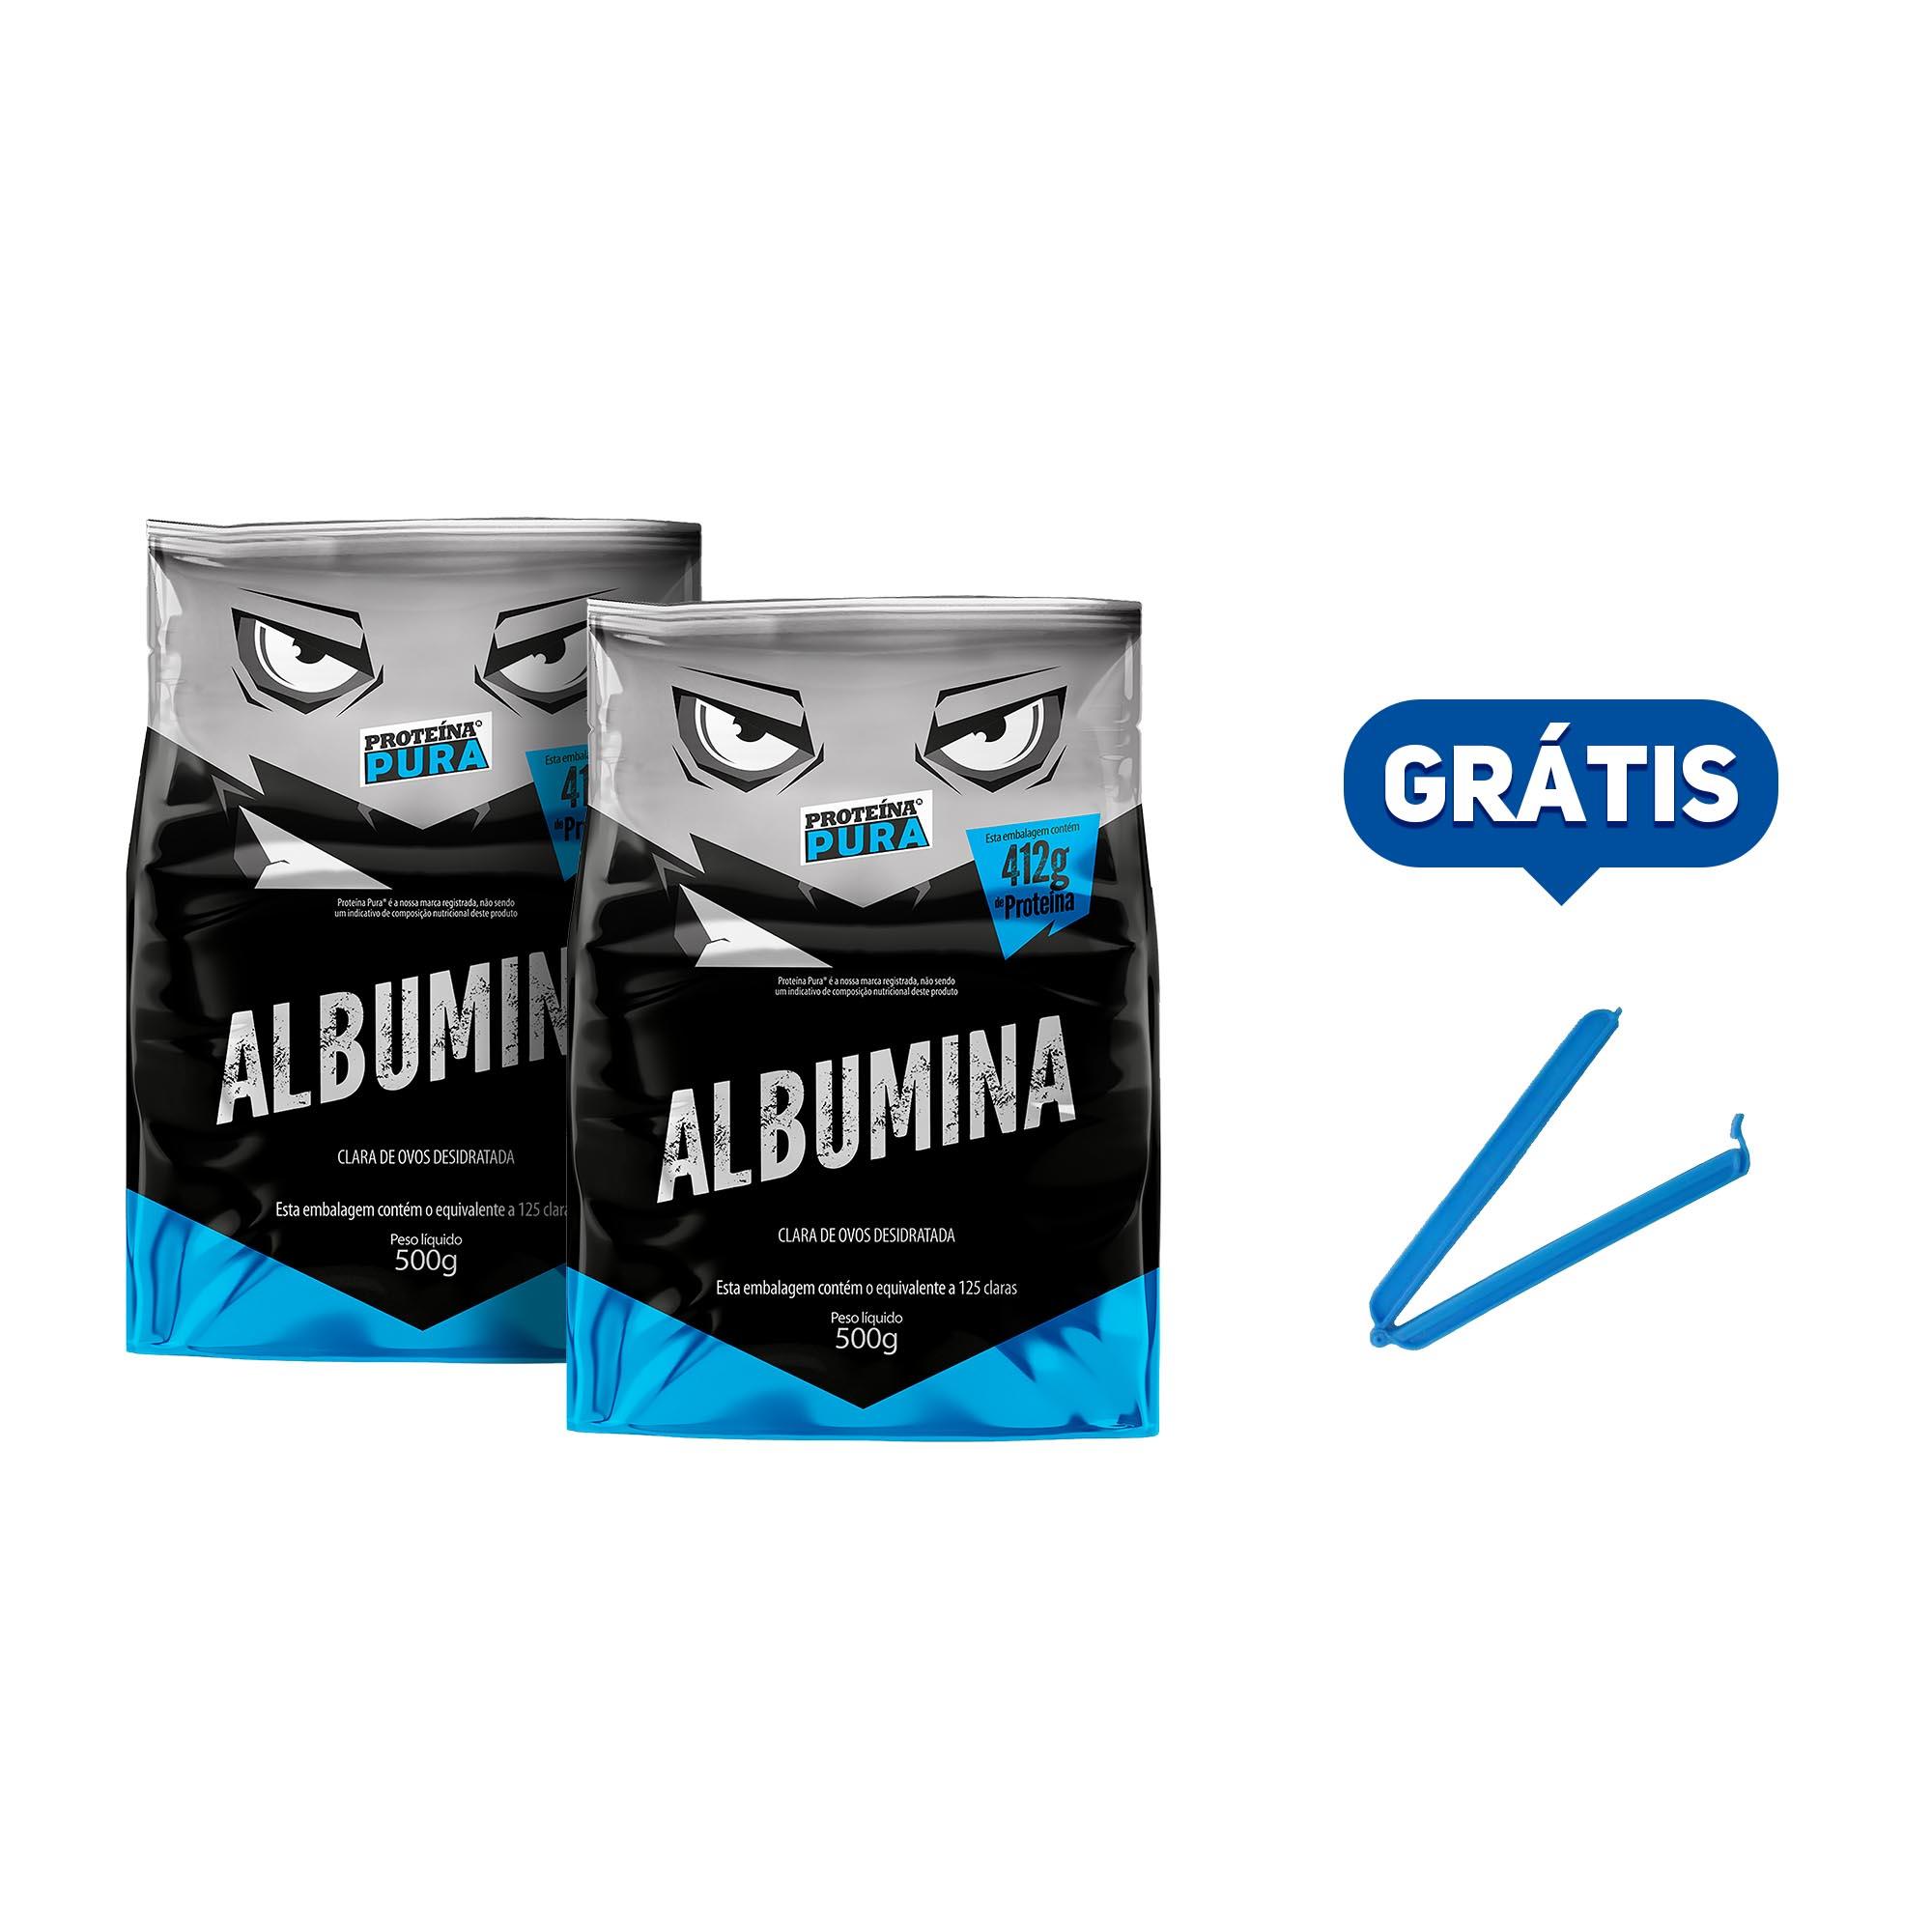 Kit Albumina Natural - (2 un x 500g) - Proteína Pura